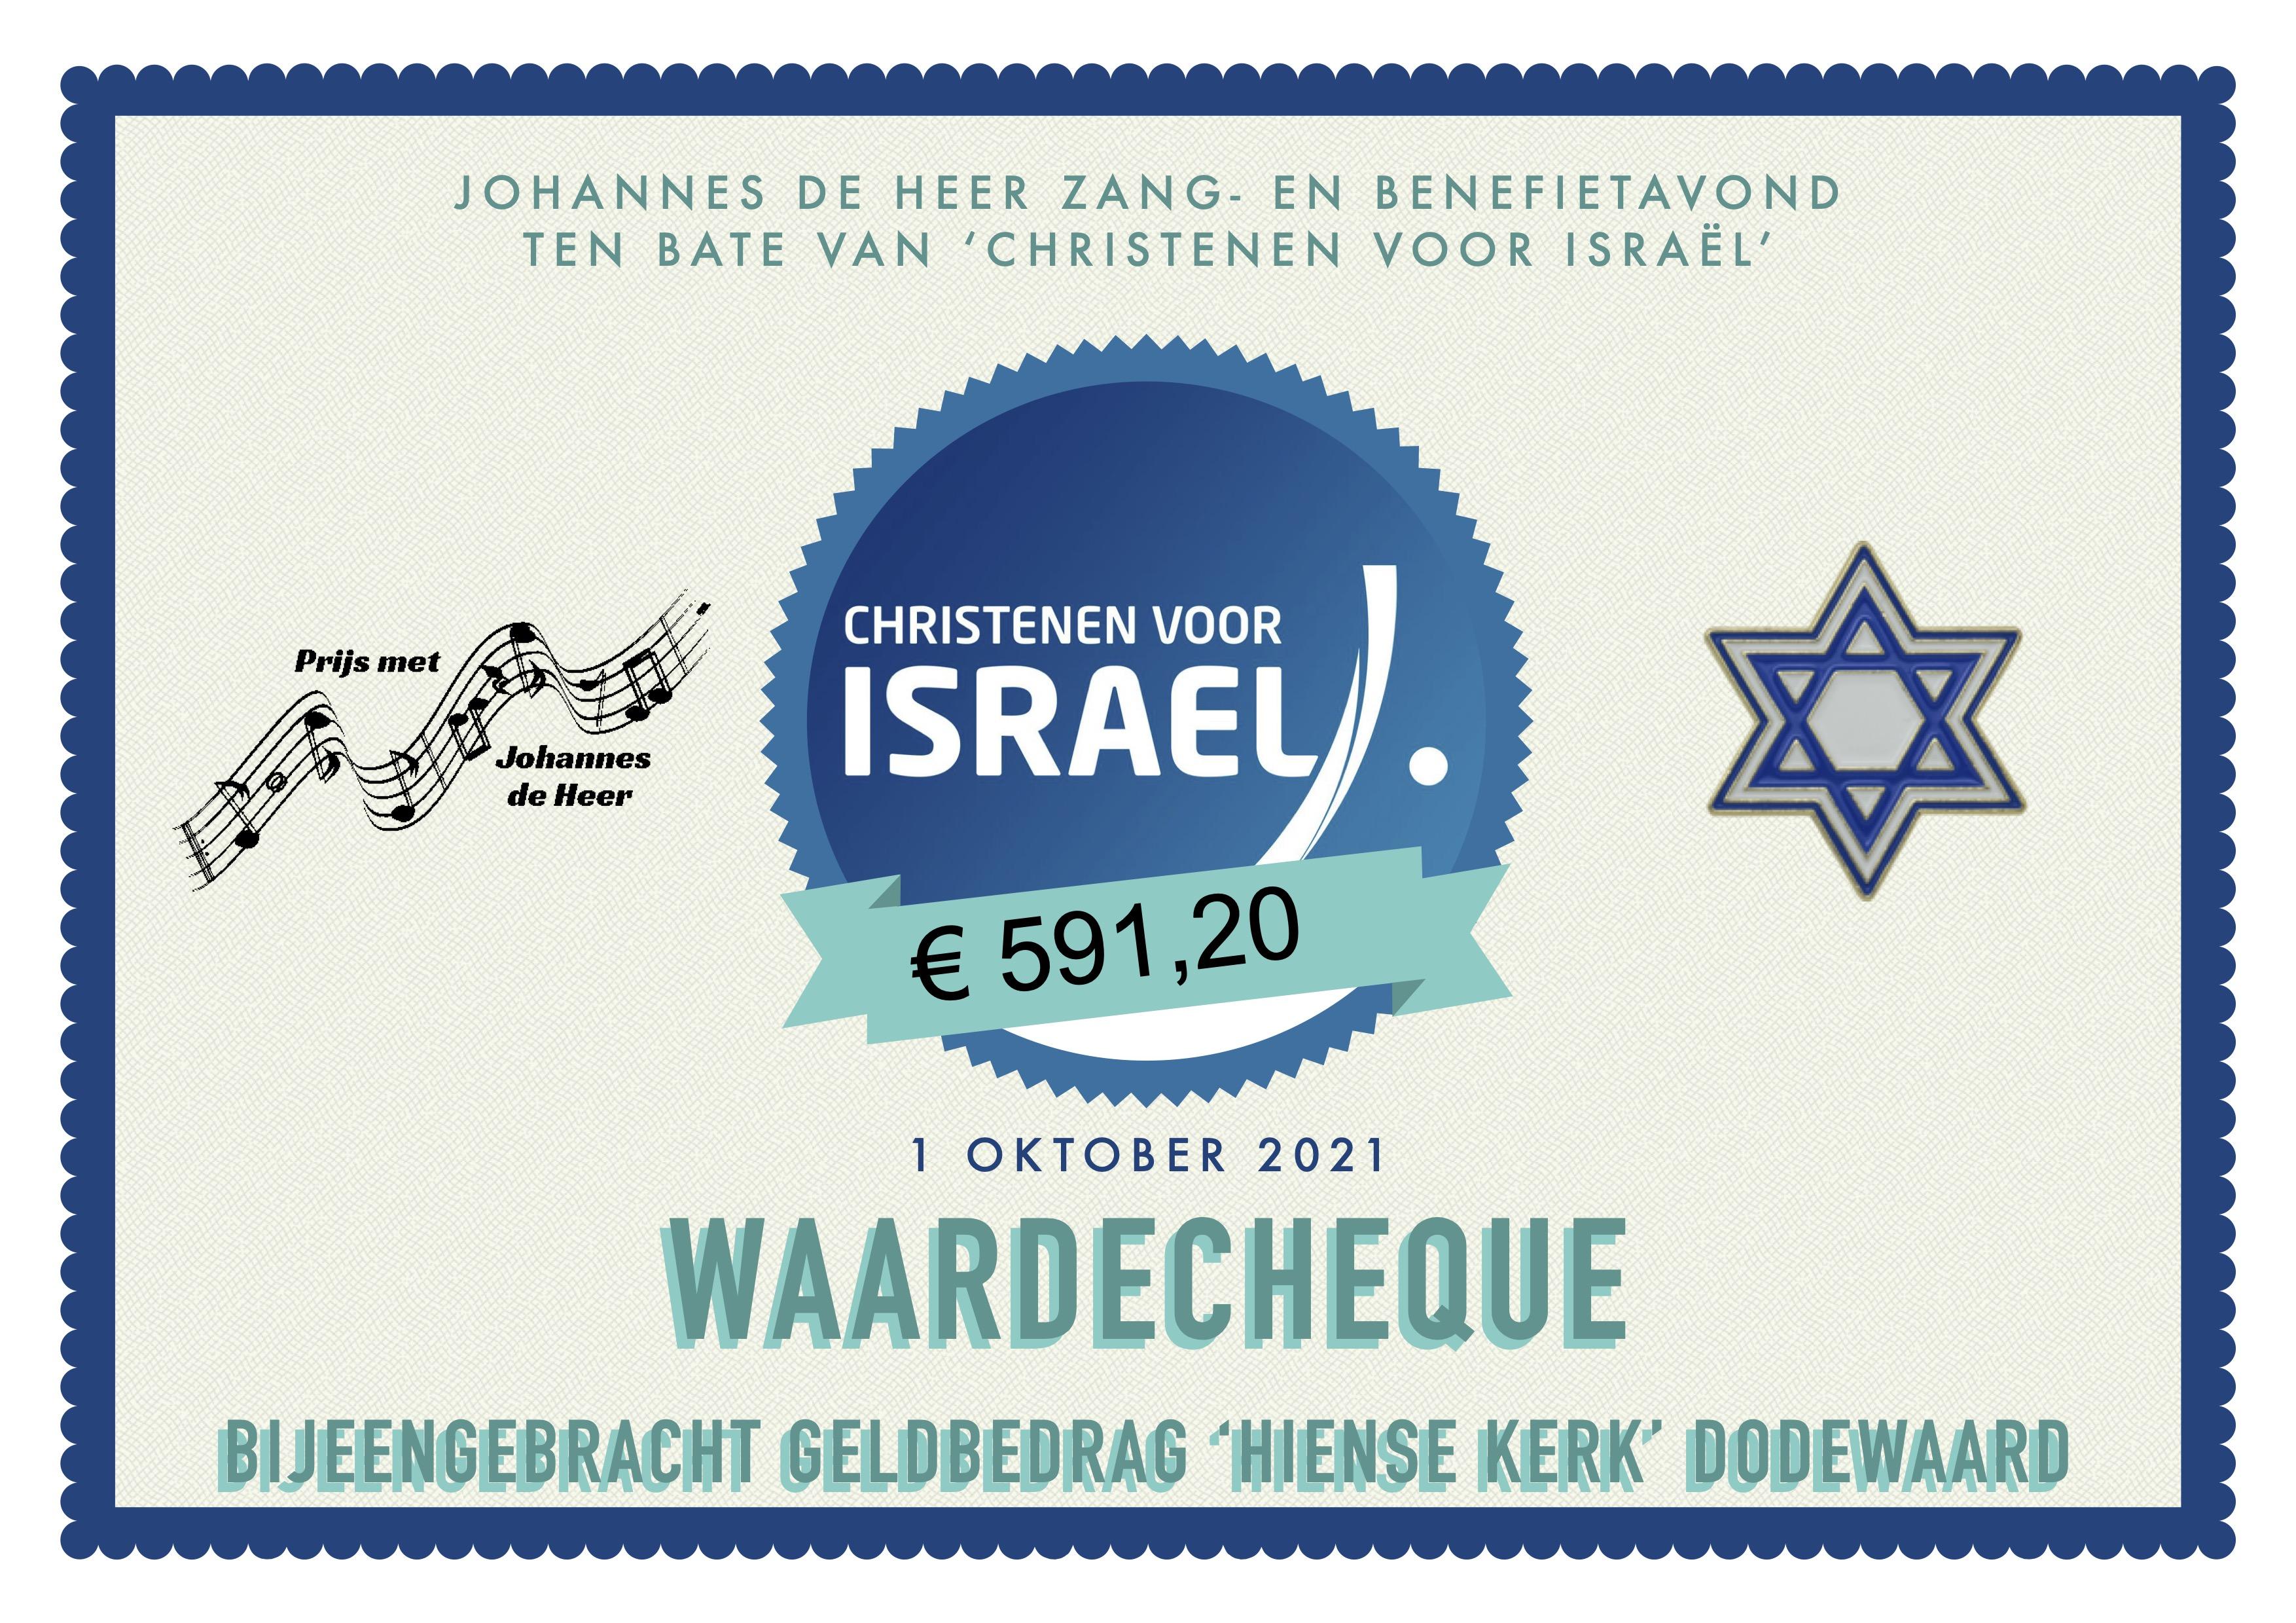 Waardecheque JdH zang en benefietavond Hiense kerk Dodewaard (20 maart 2020)